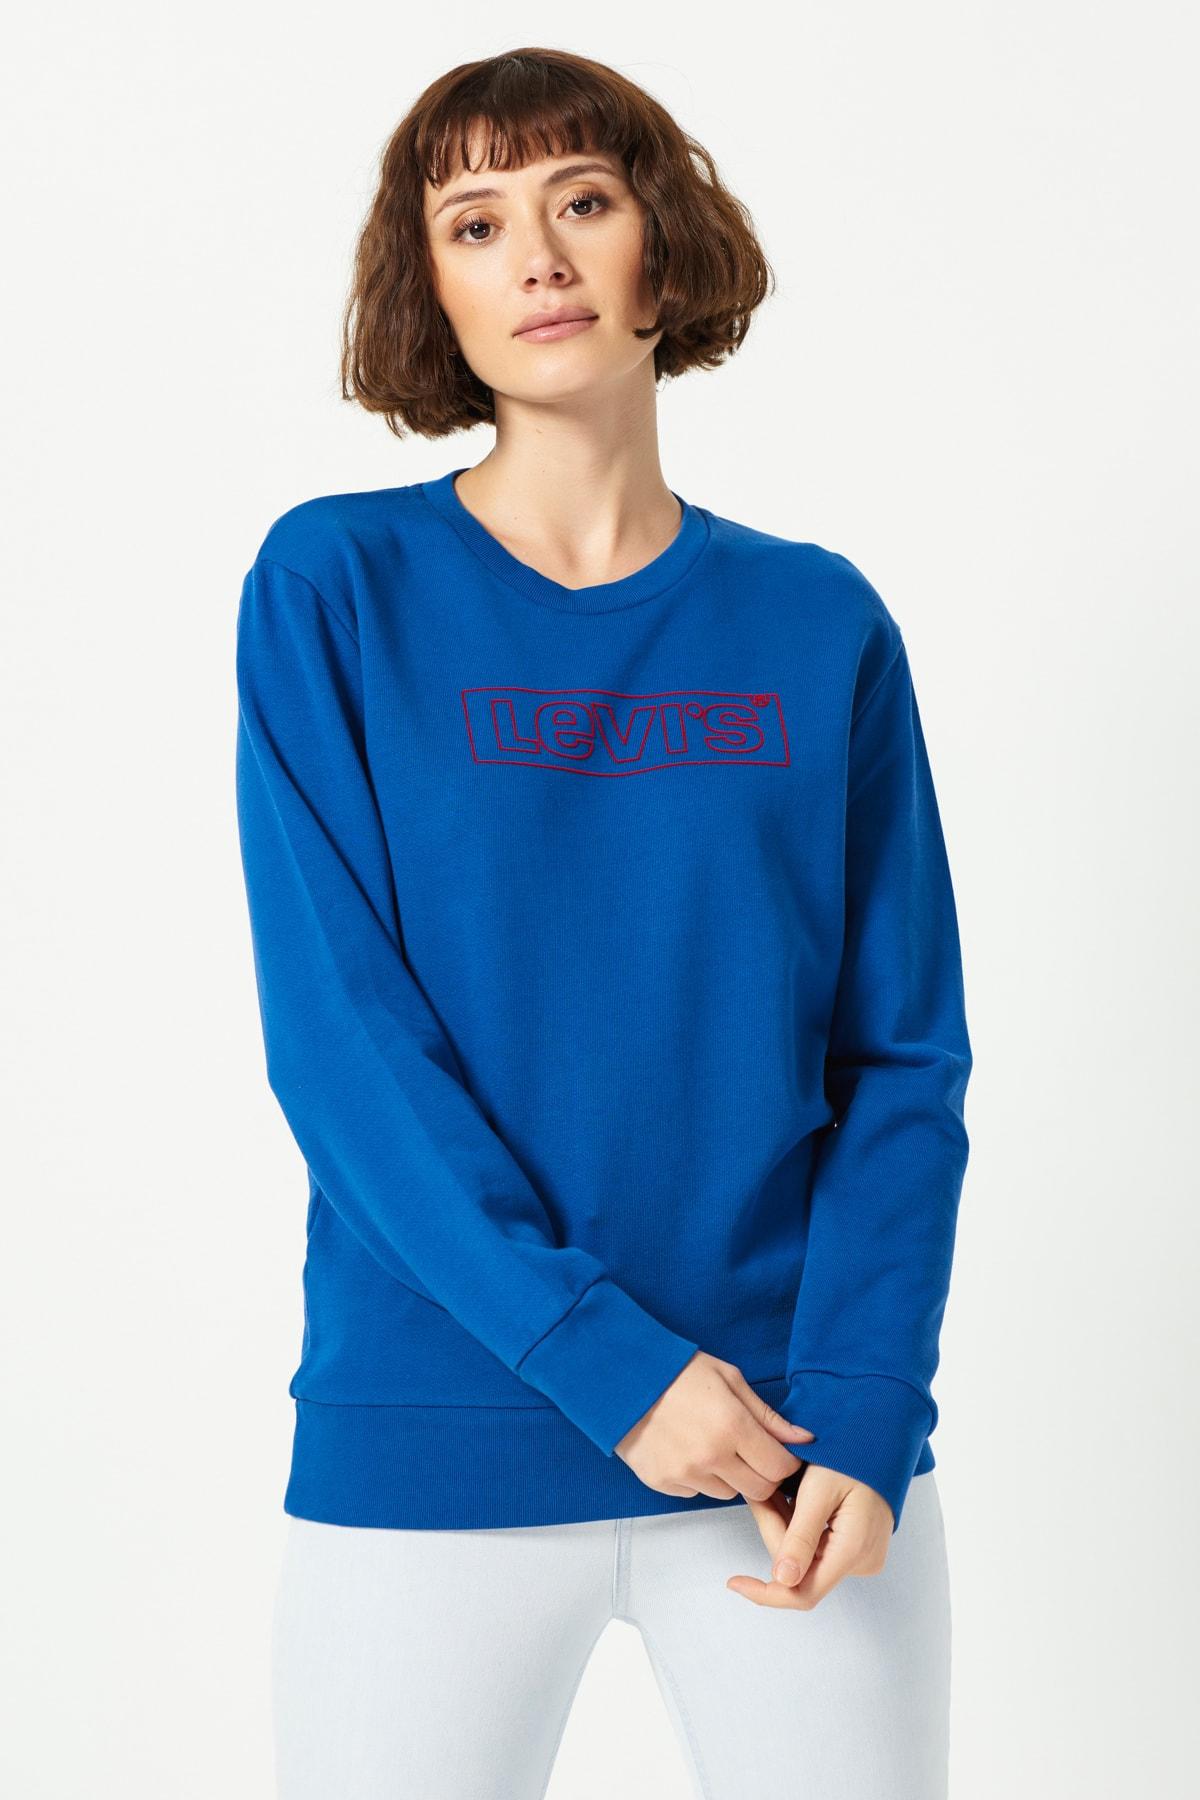 Levi's Kadın Mavi Logo Baskılı Sweatshirt 19492-0071 1